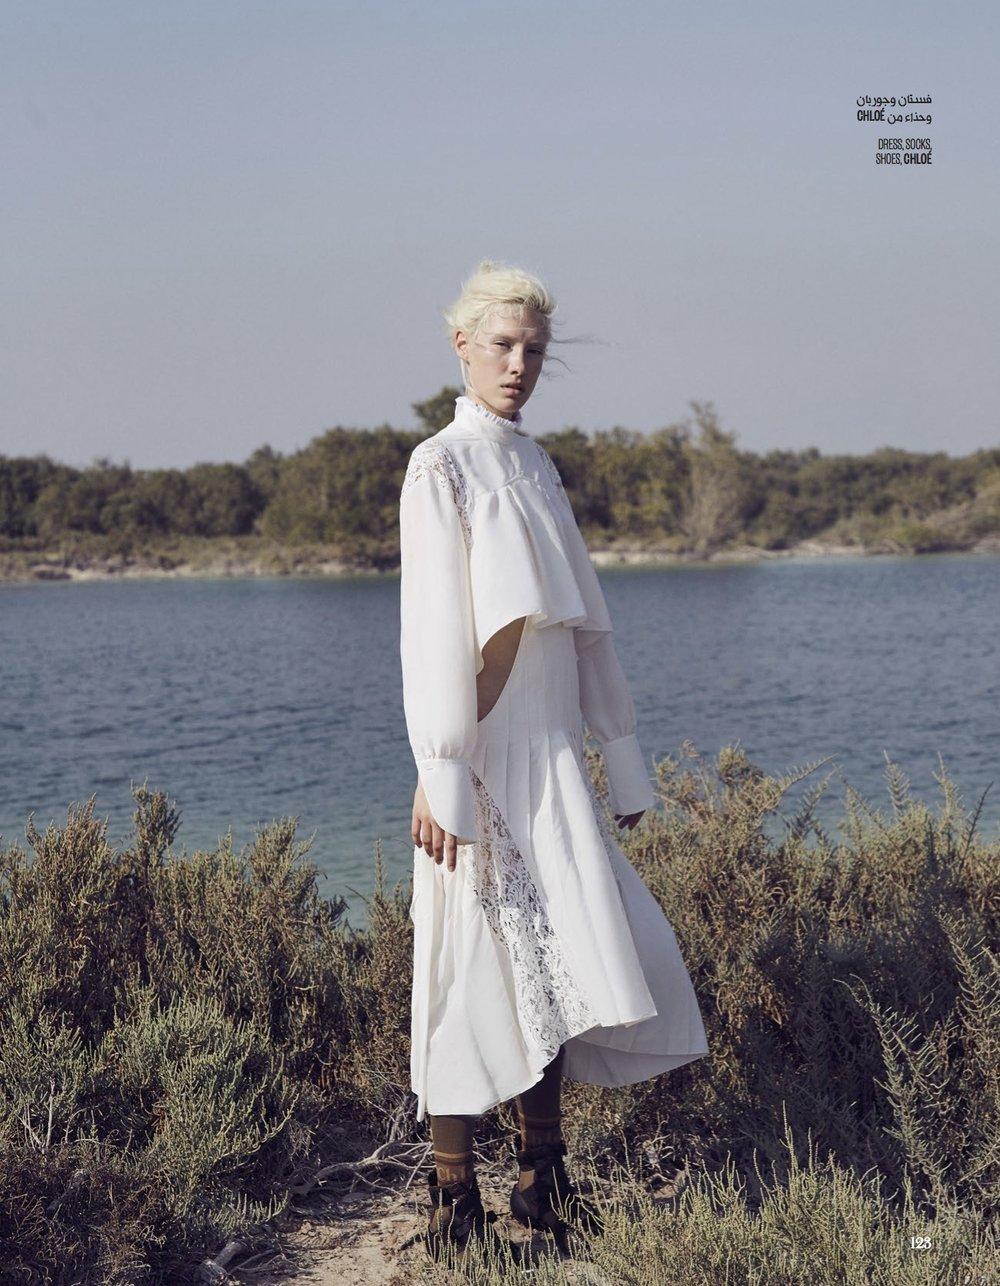 18 Vogue Arabia OCT 18 Binder (dragged).jpg